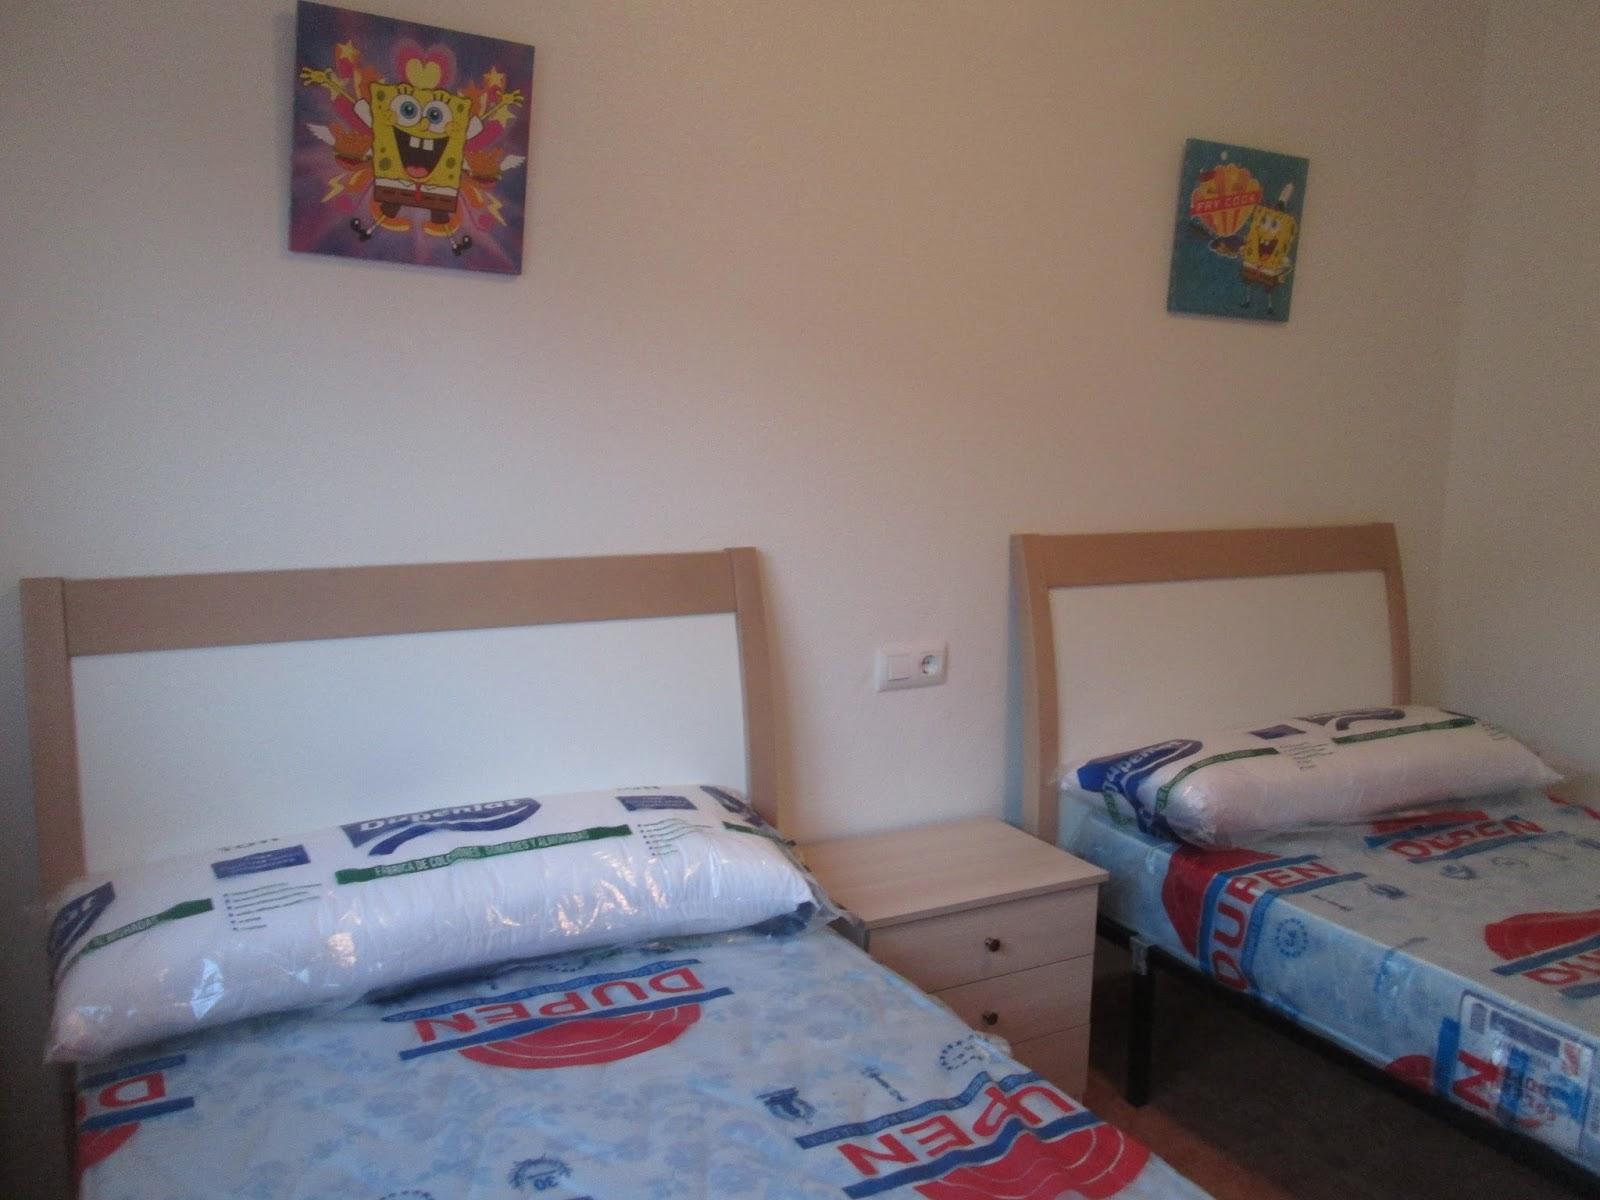 Muebles arcecoll amuebla tu piso por muy poco - Amuebla tu piso completo ...